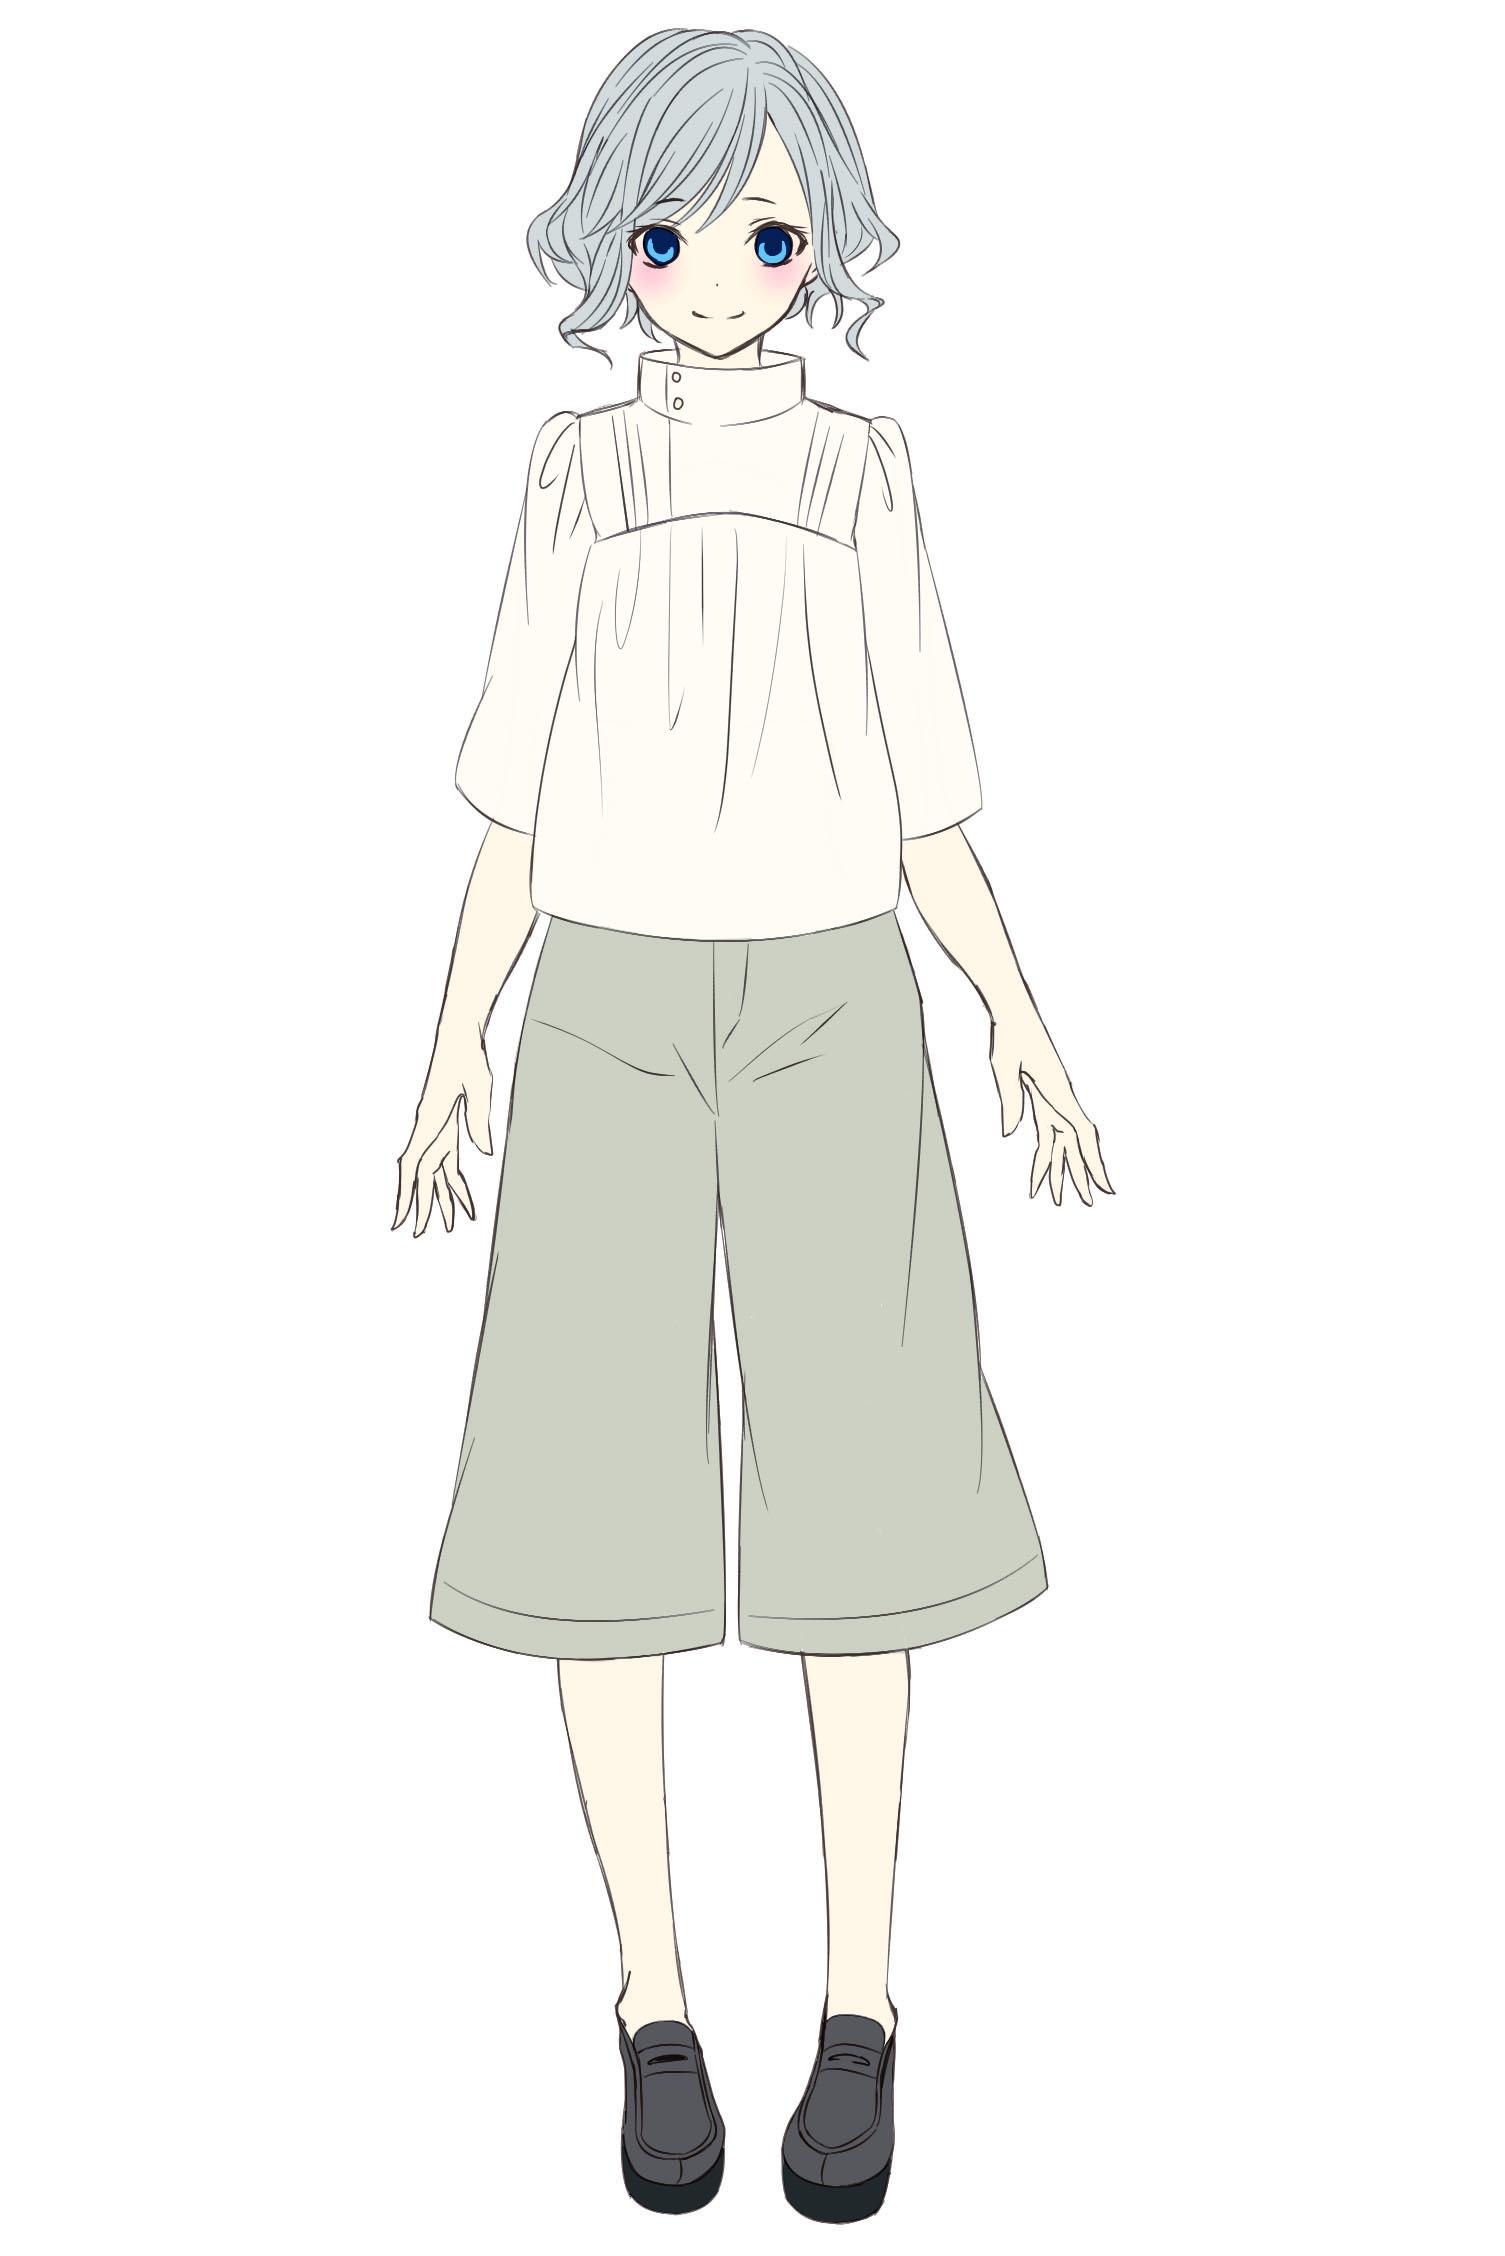 定番服をファンタジーにデザインする ファンタジー衣装の描き方 第2回